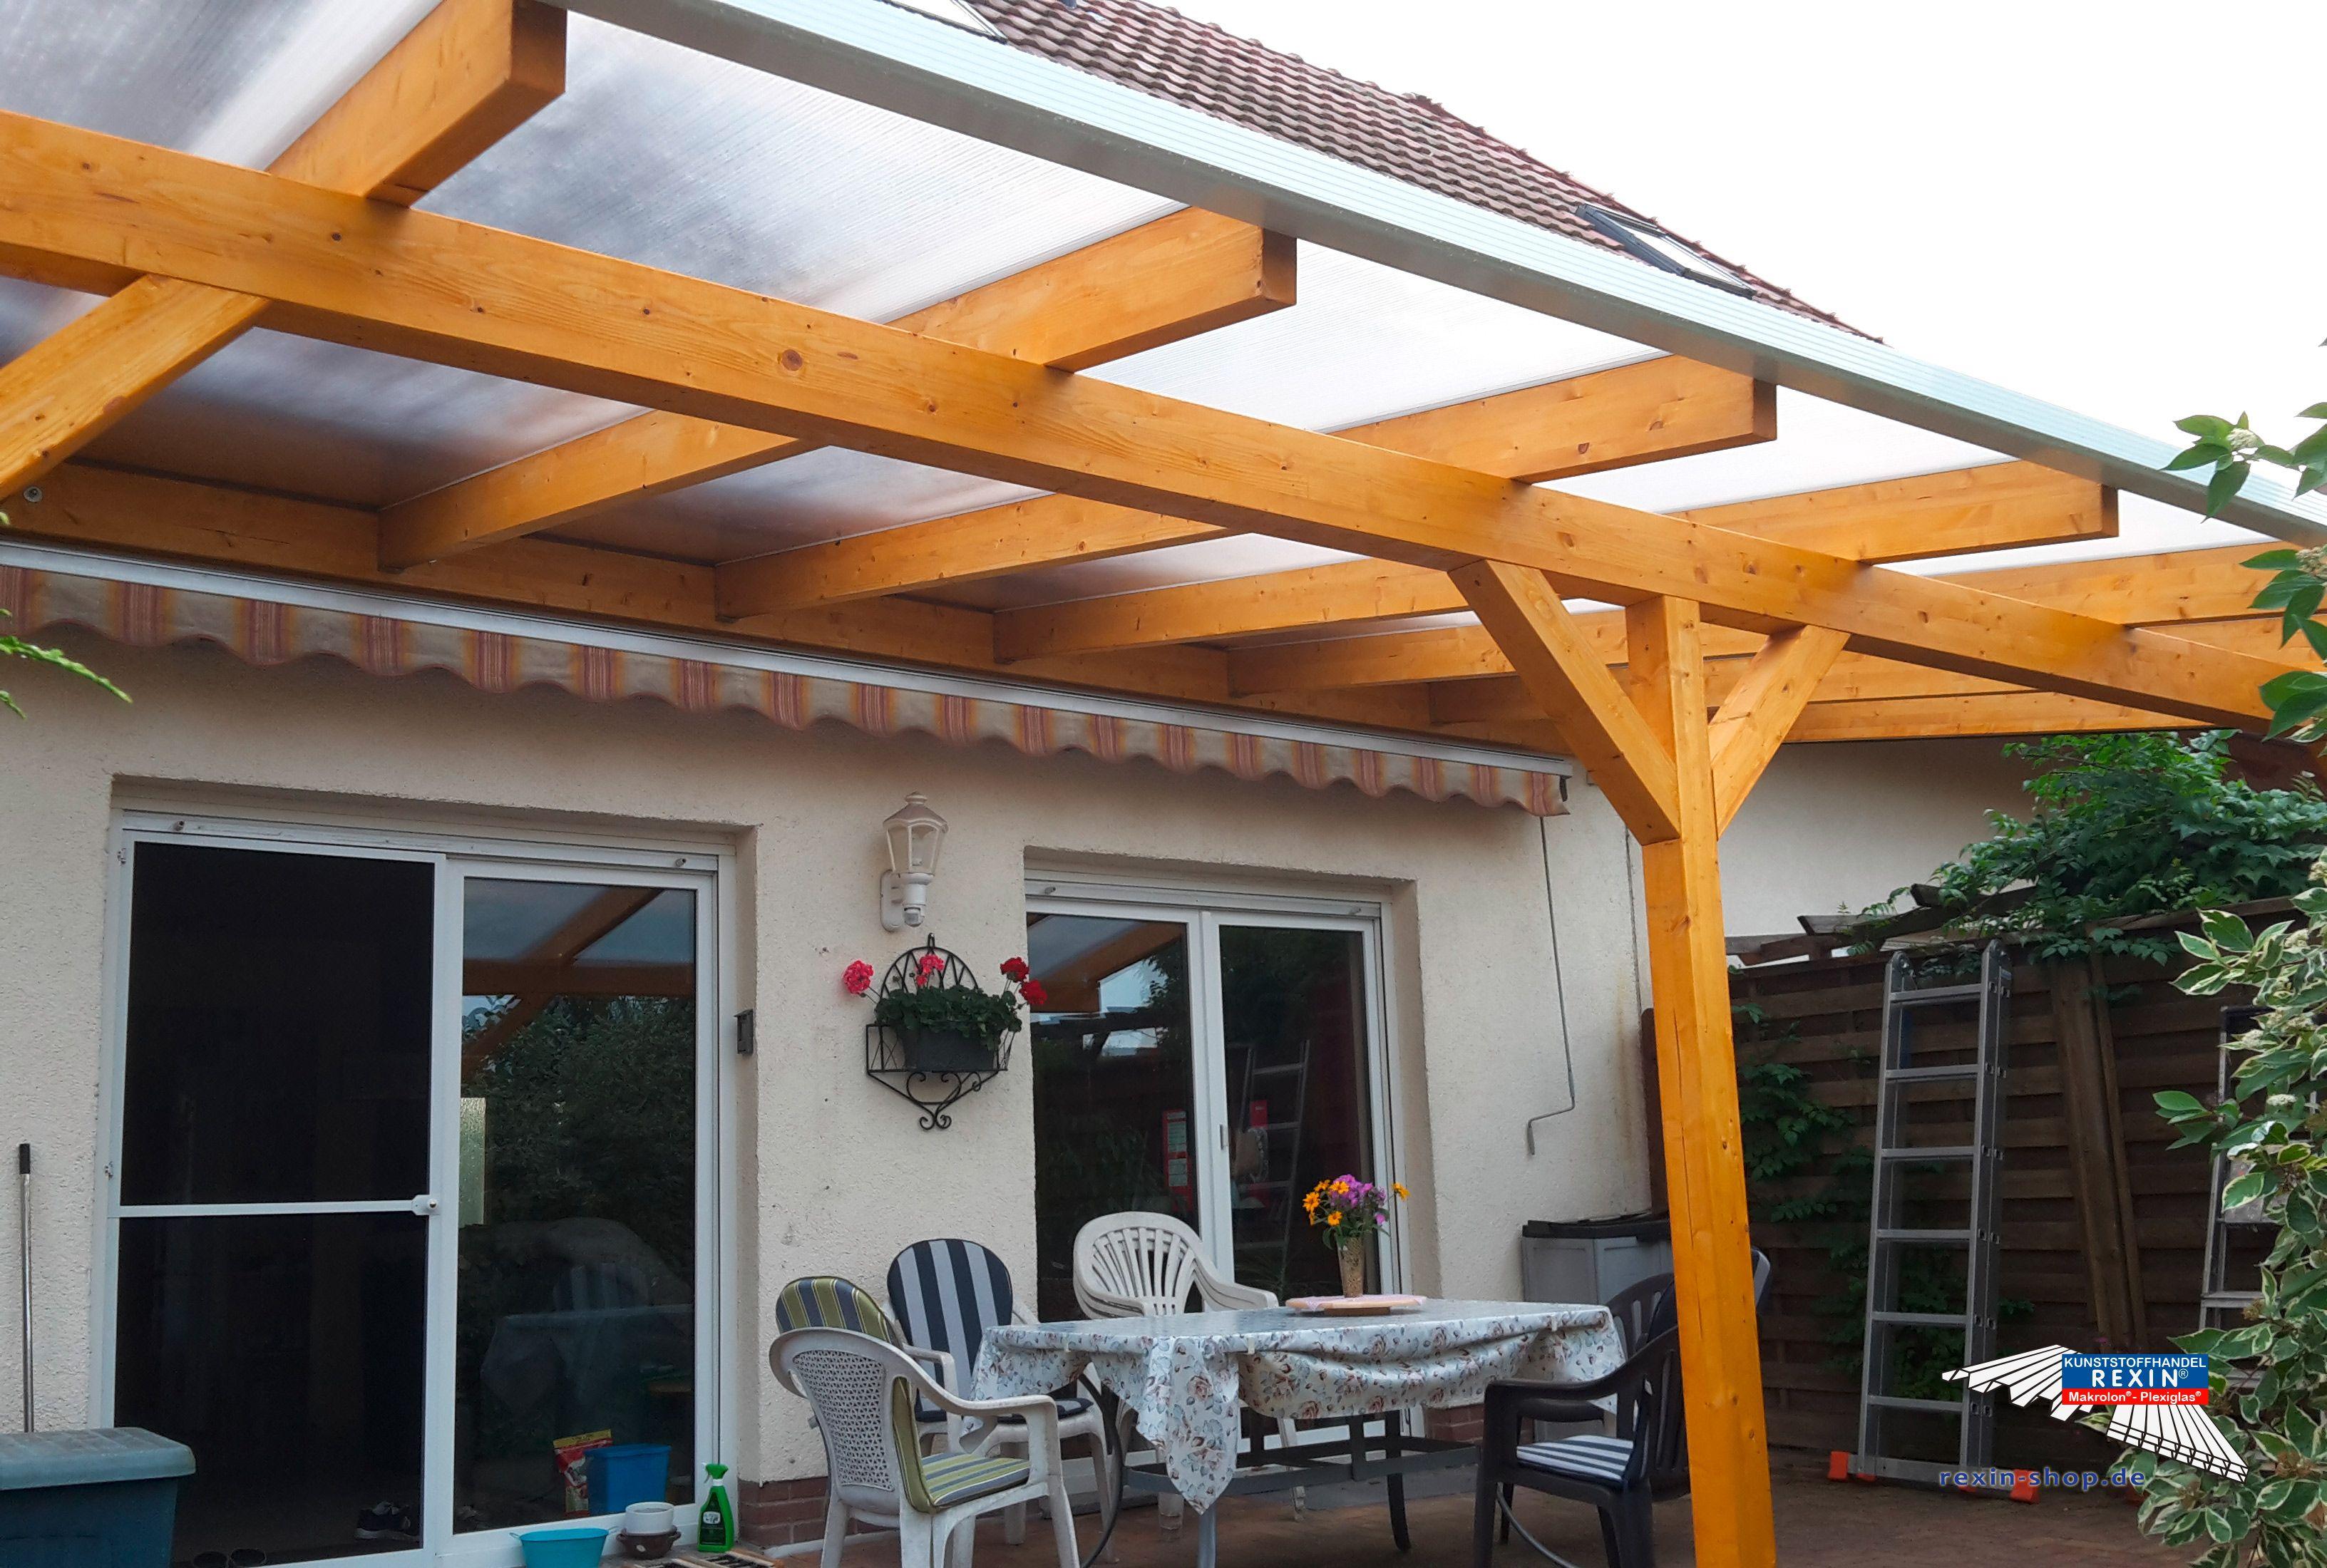 Ein Holz Terrassendach Der Marke REXOcomplete 7m X 4m Mit REXOclear  Stegplatten X Struktur. Hier Wurde Ein Durchgehender Hauptträger Montiert.